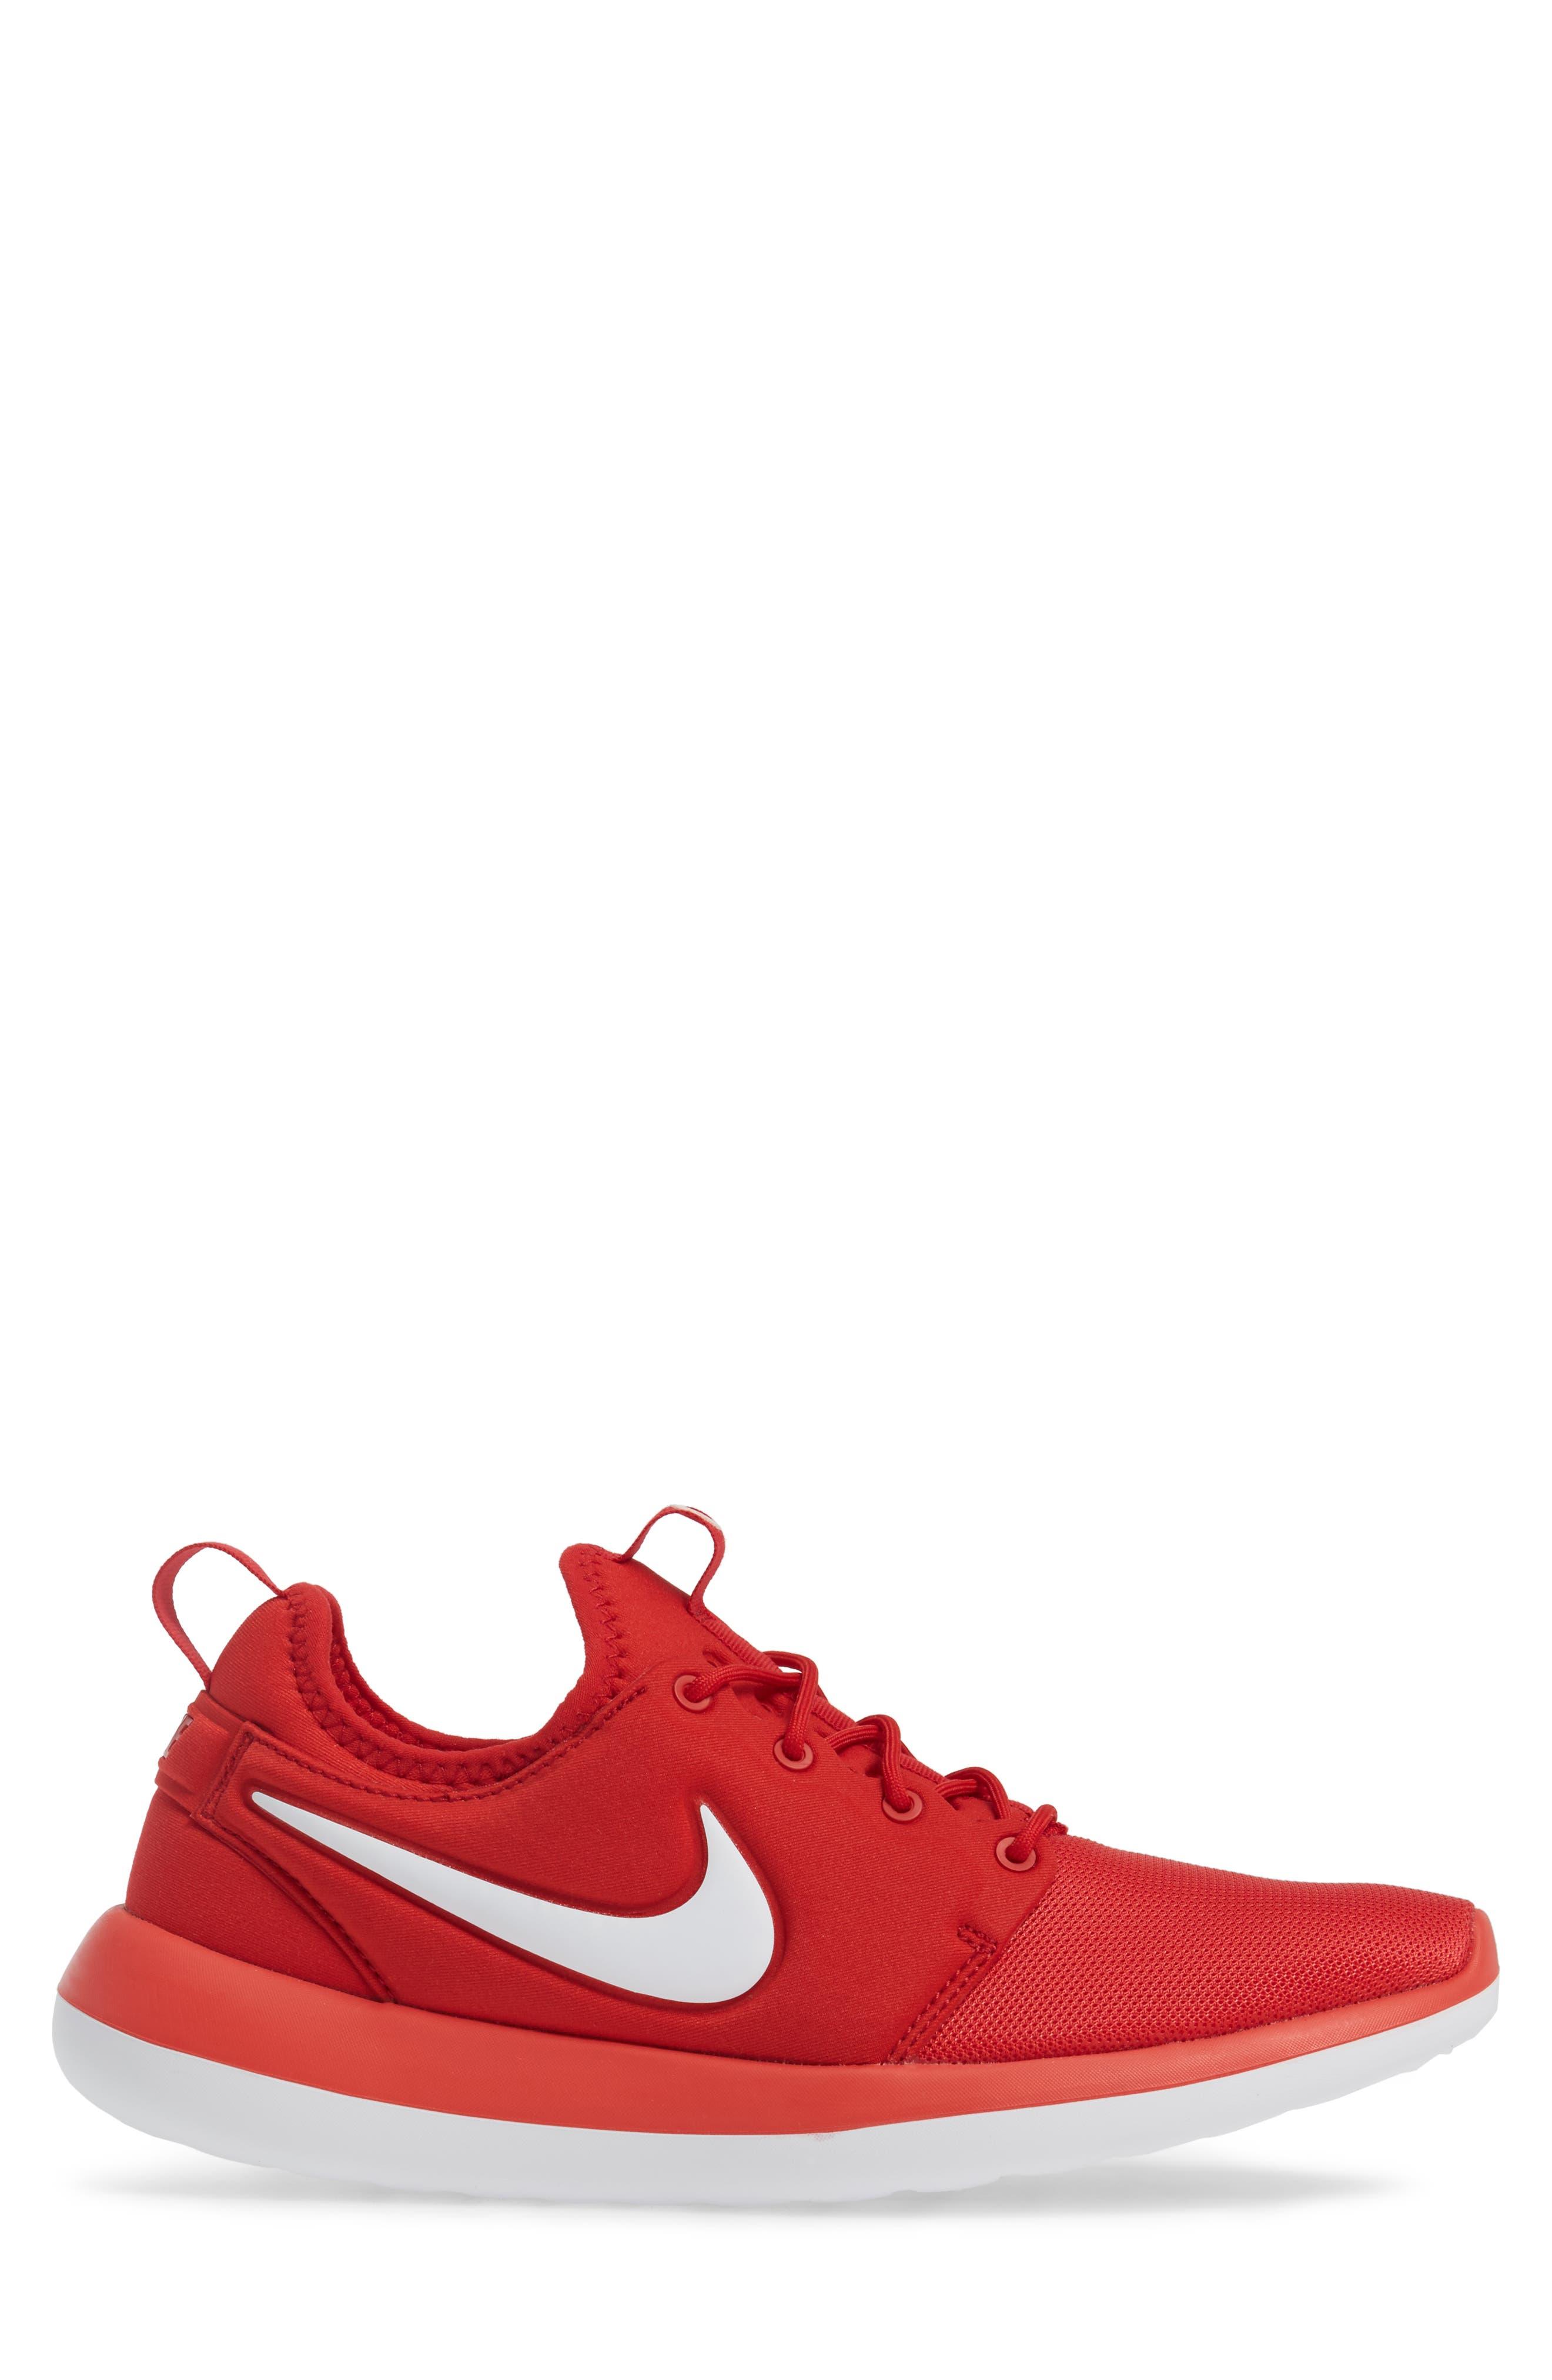 Roshe Two Sneaker,                             Alternate thumbnail 31, color,